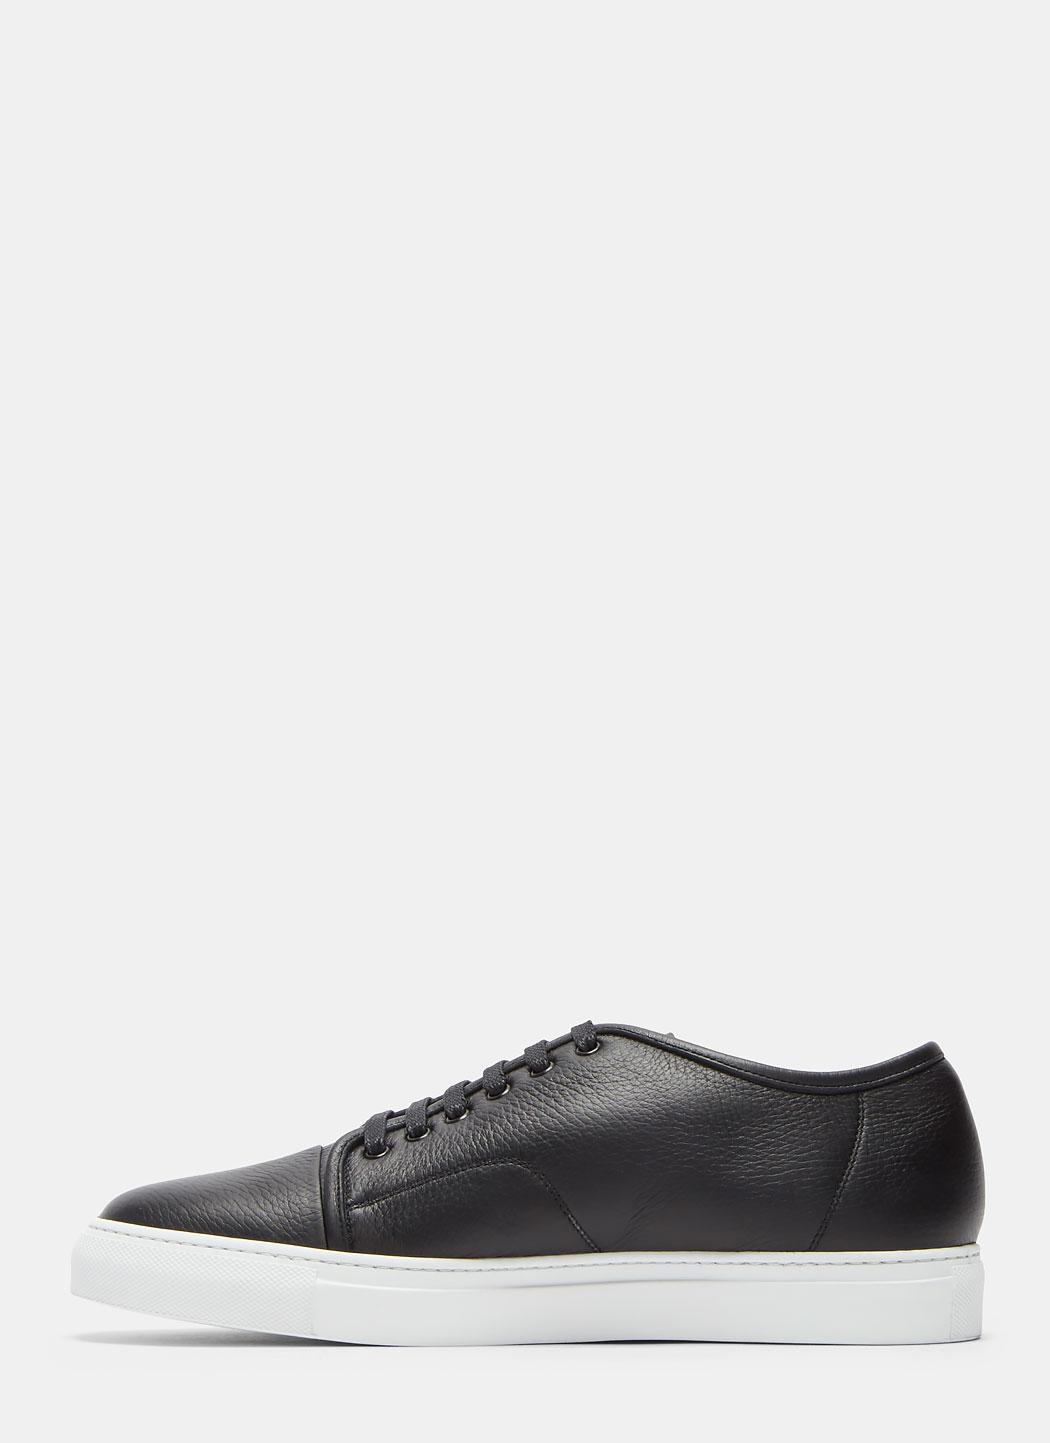 Low-Top Grained Leather Sneakers Aiezen VPip5ElfTC